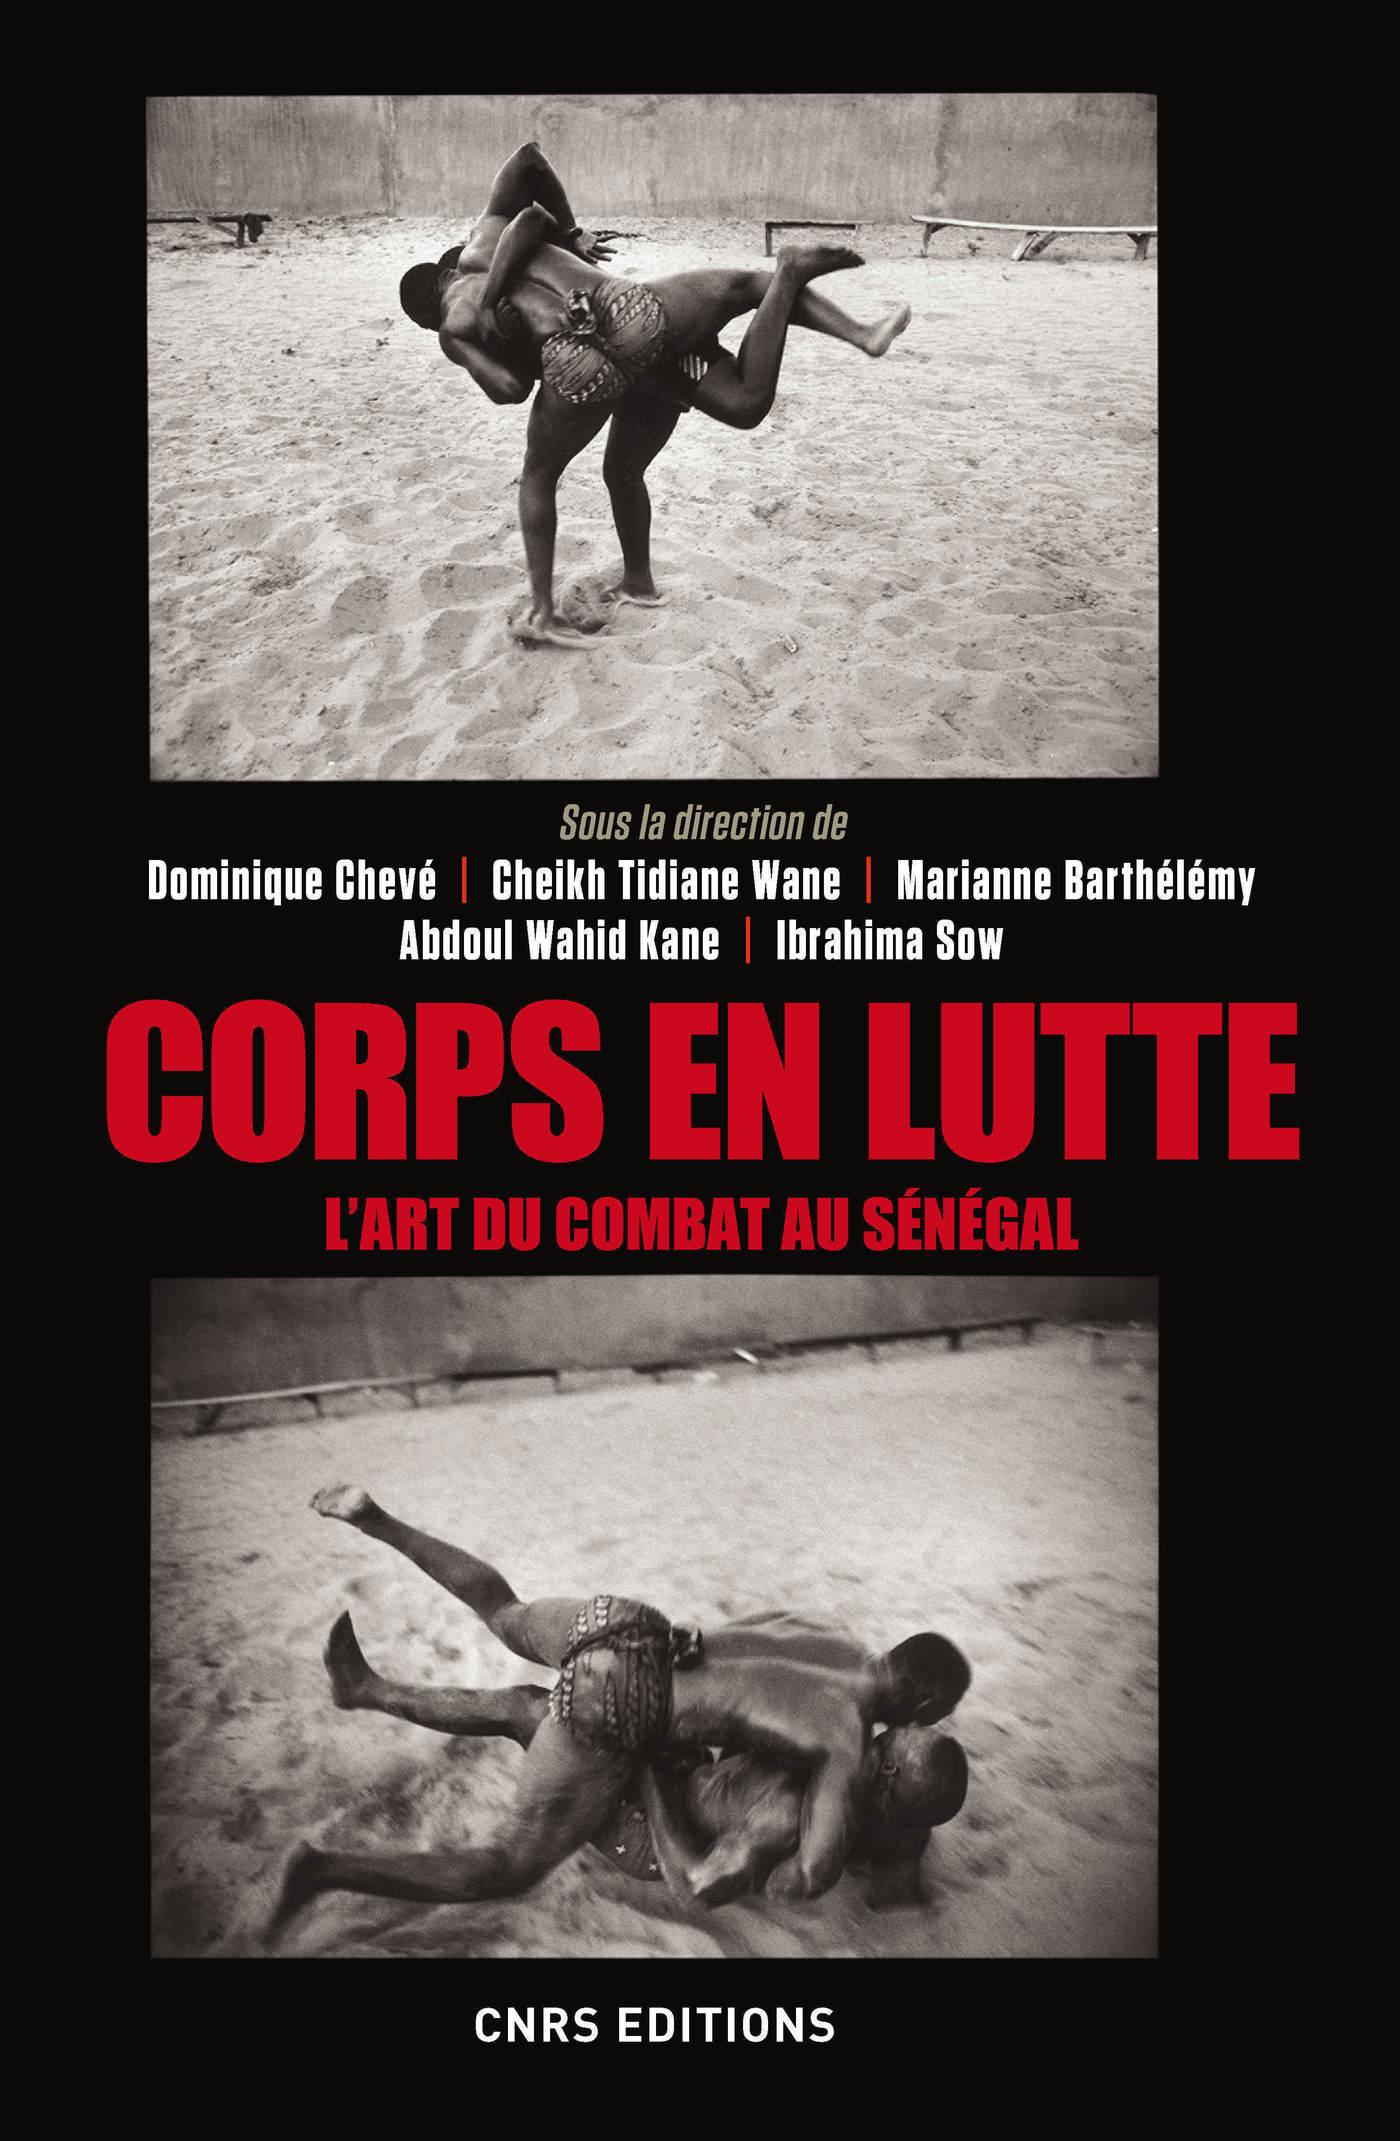 Corps en lutte - L'art du combat au Sénégal